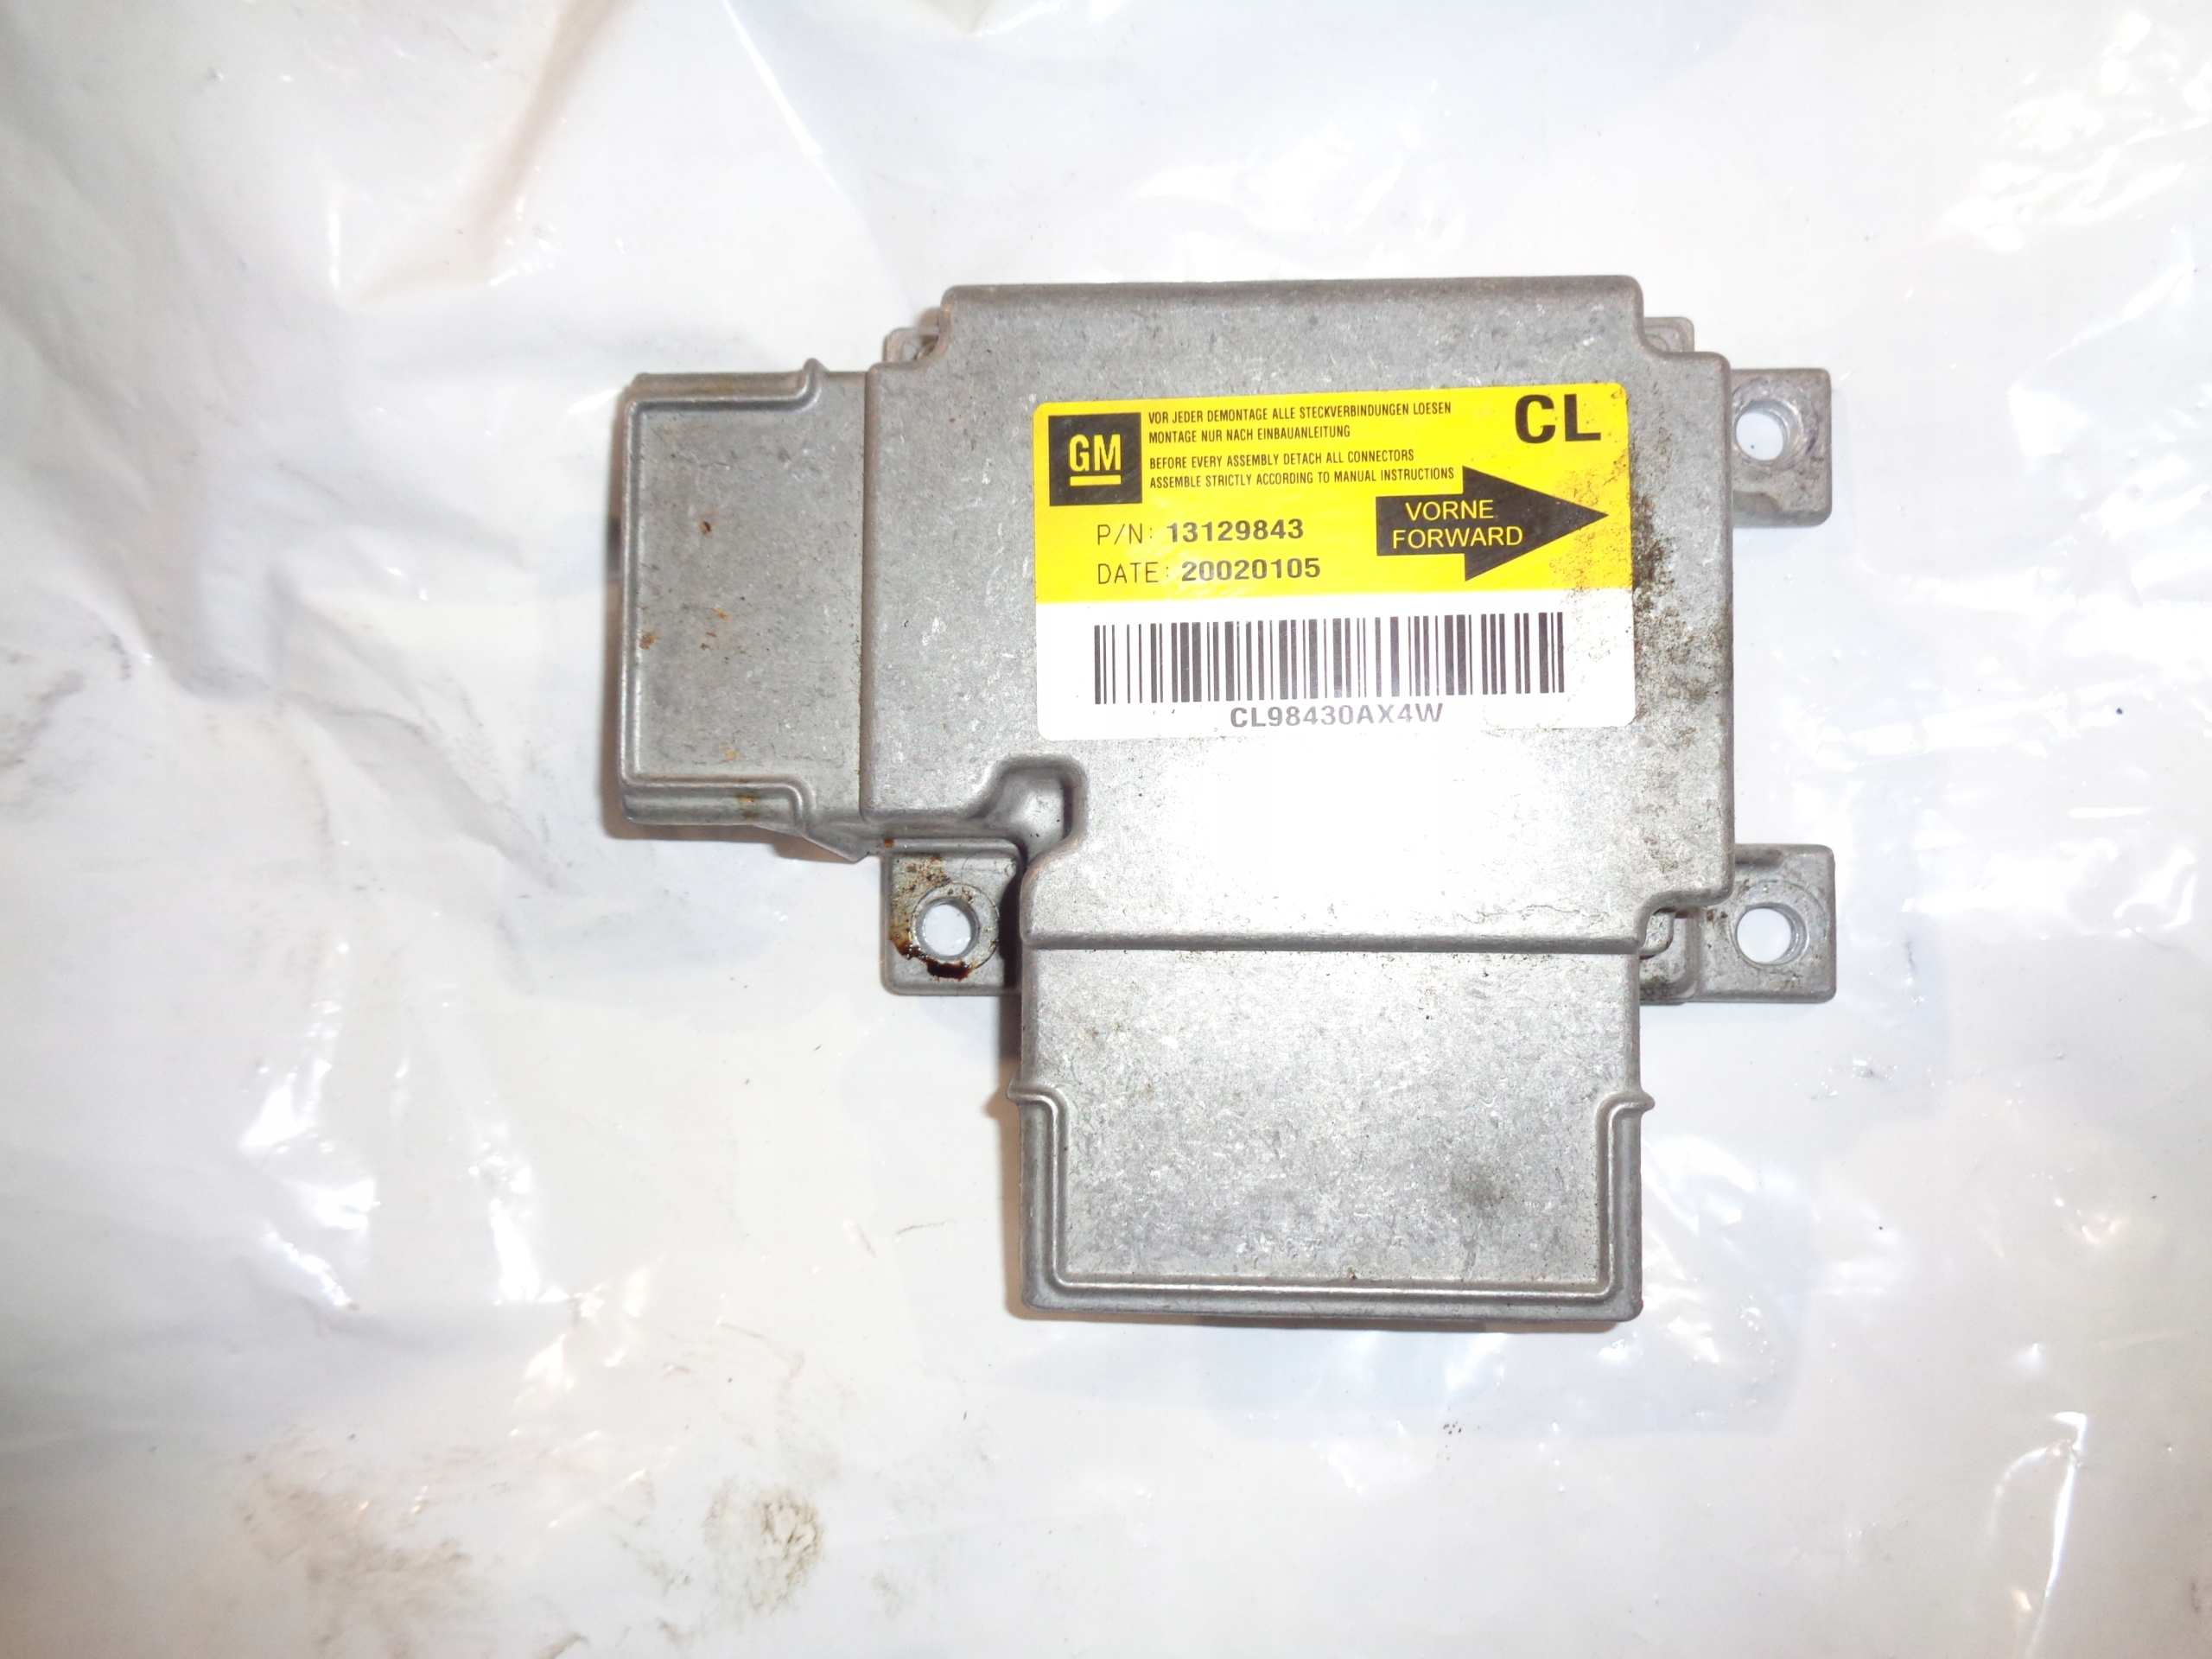 vectra c 18 16v сенсор подушек airbag 13129843